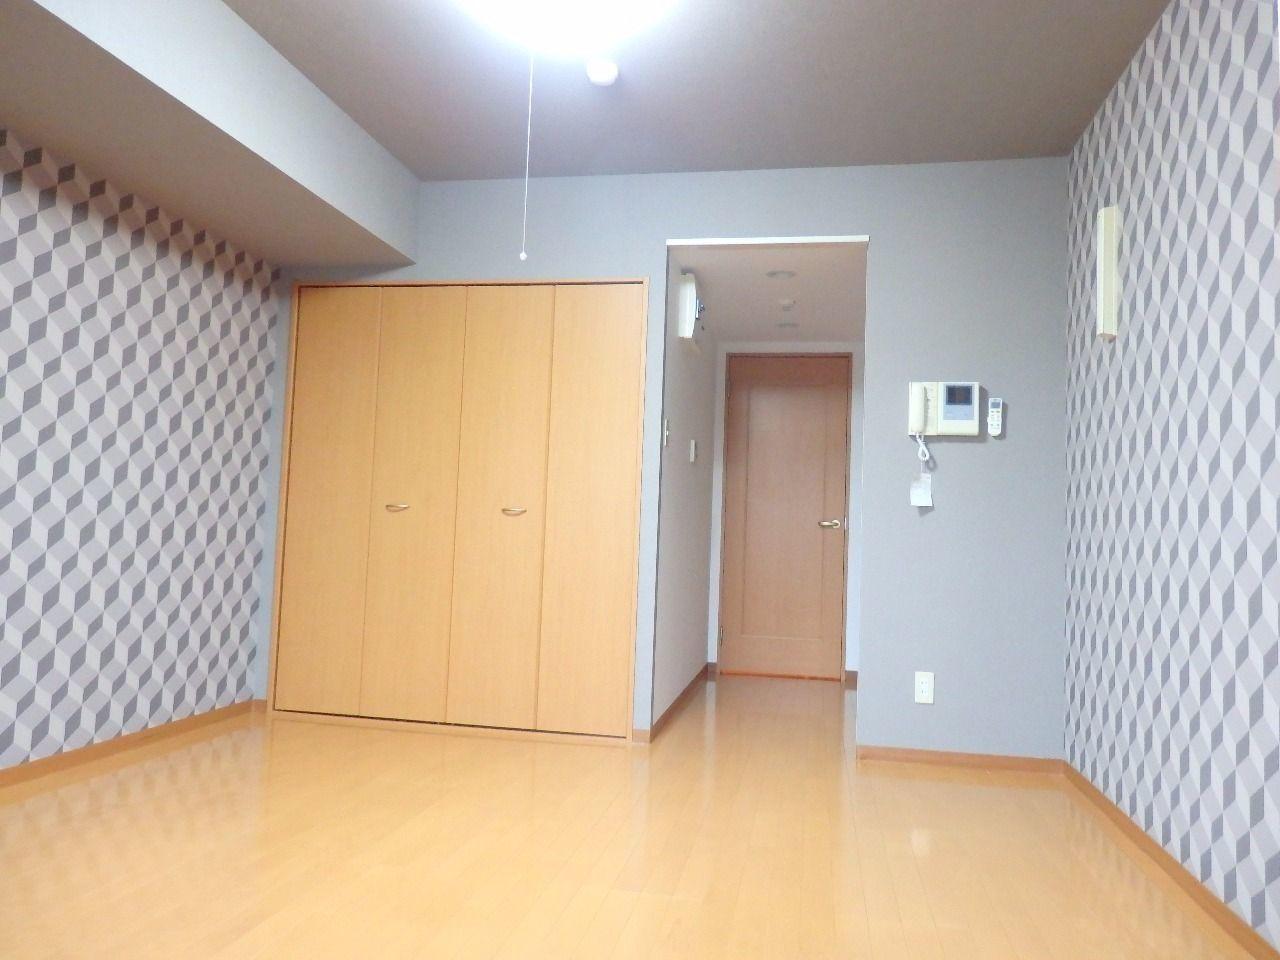 外観とのコーディネイトを意識したモダンなアクセントウォールが、室内にシャープさをもたらす